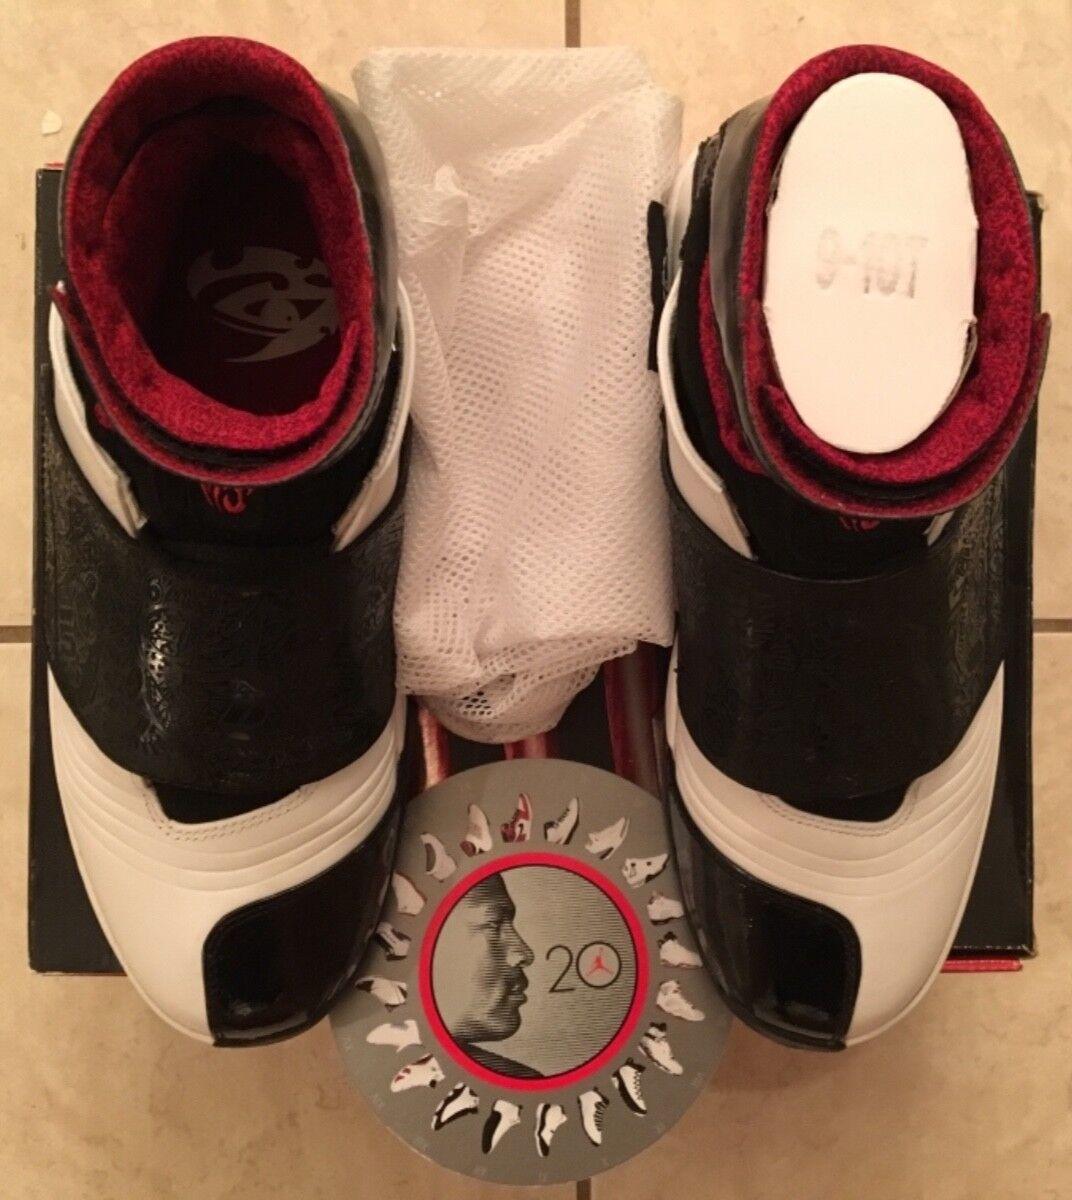 Men's Air Jordan XX (20) QS (Quickstrike) White/Black OG Not Retro Bulls